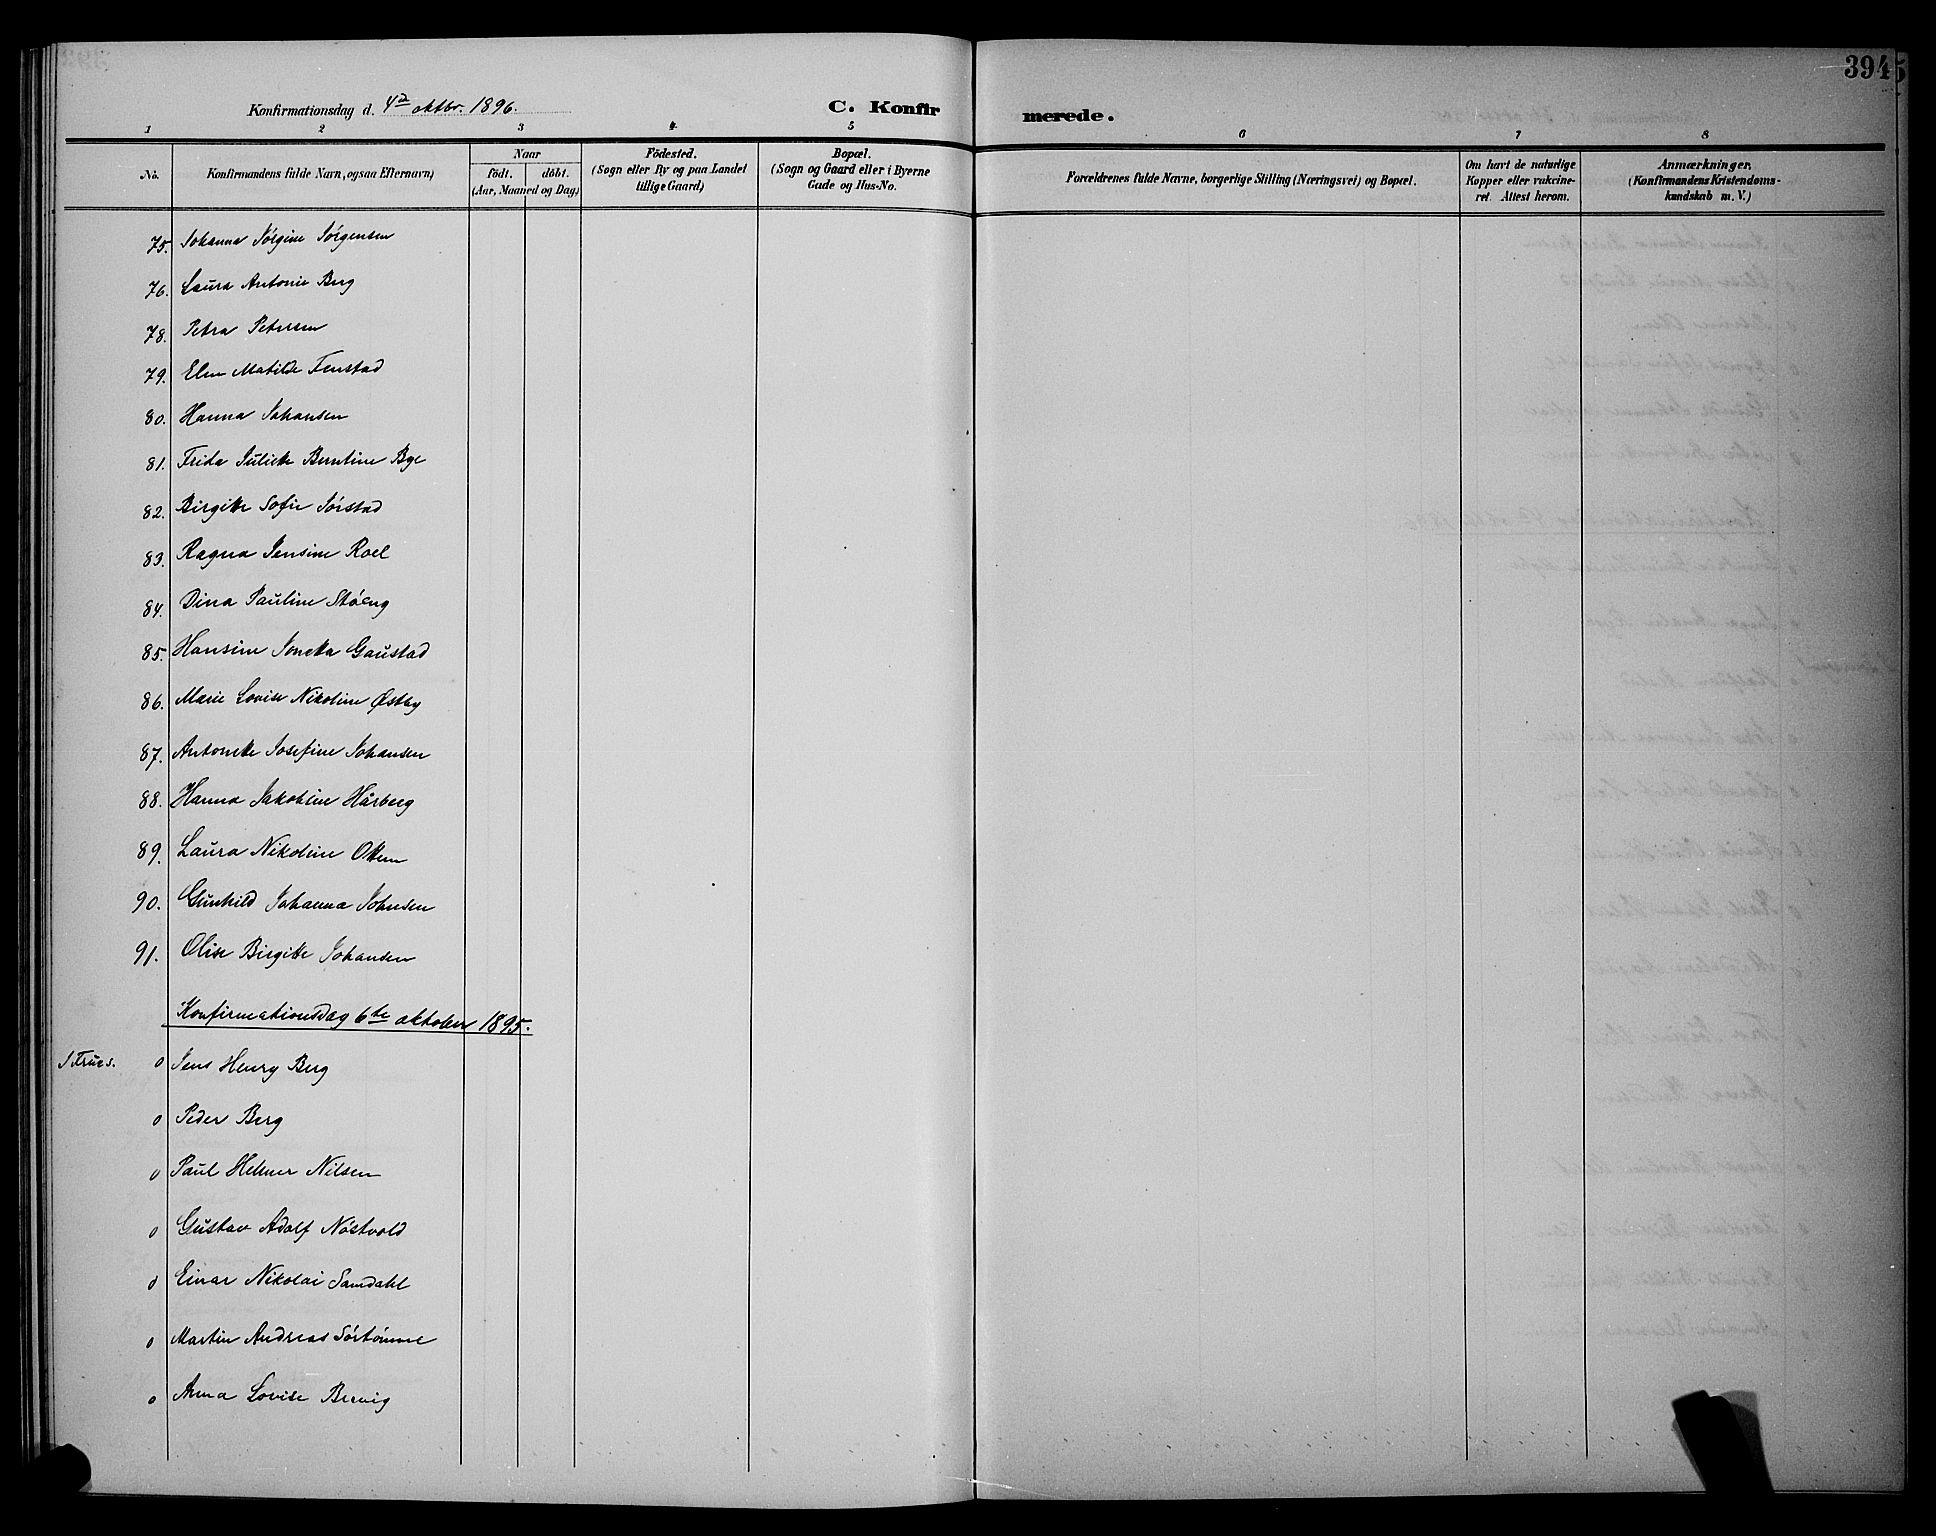 SAT, Ministerialprotokoller, klokkerbøker og fødselsregistre - Sør-Trøndelag, 604/L0225: Klokkerbok nr. 604C08, 1895-1899, s. 394